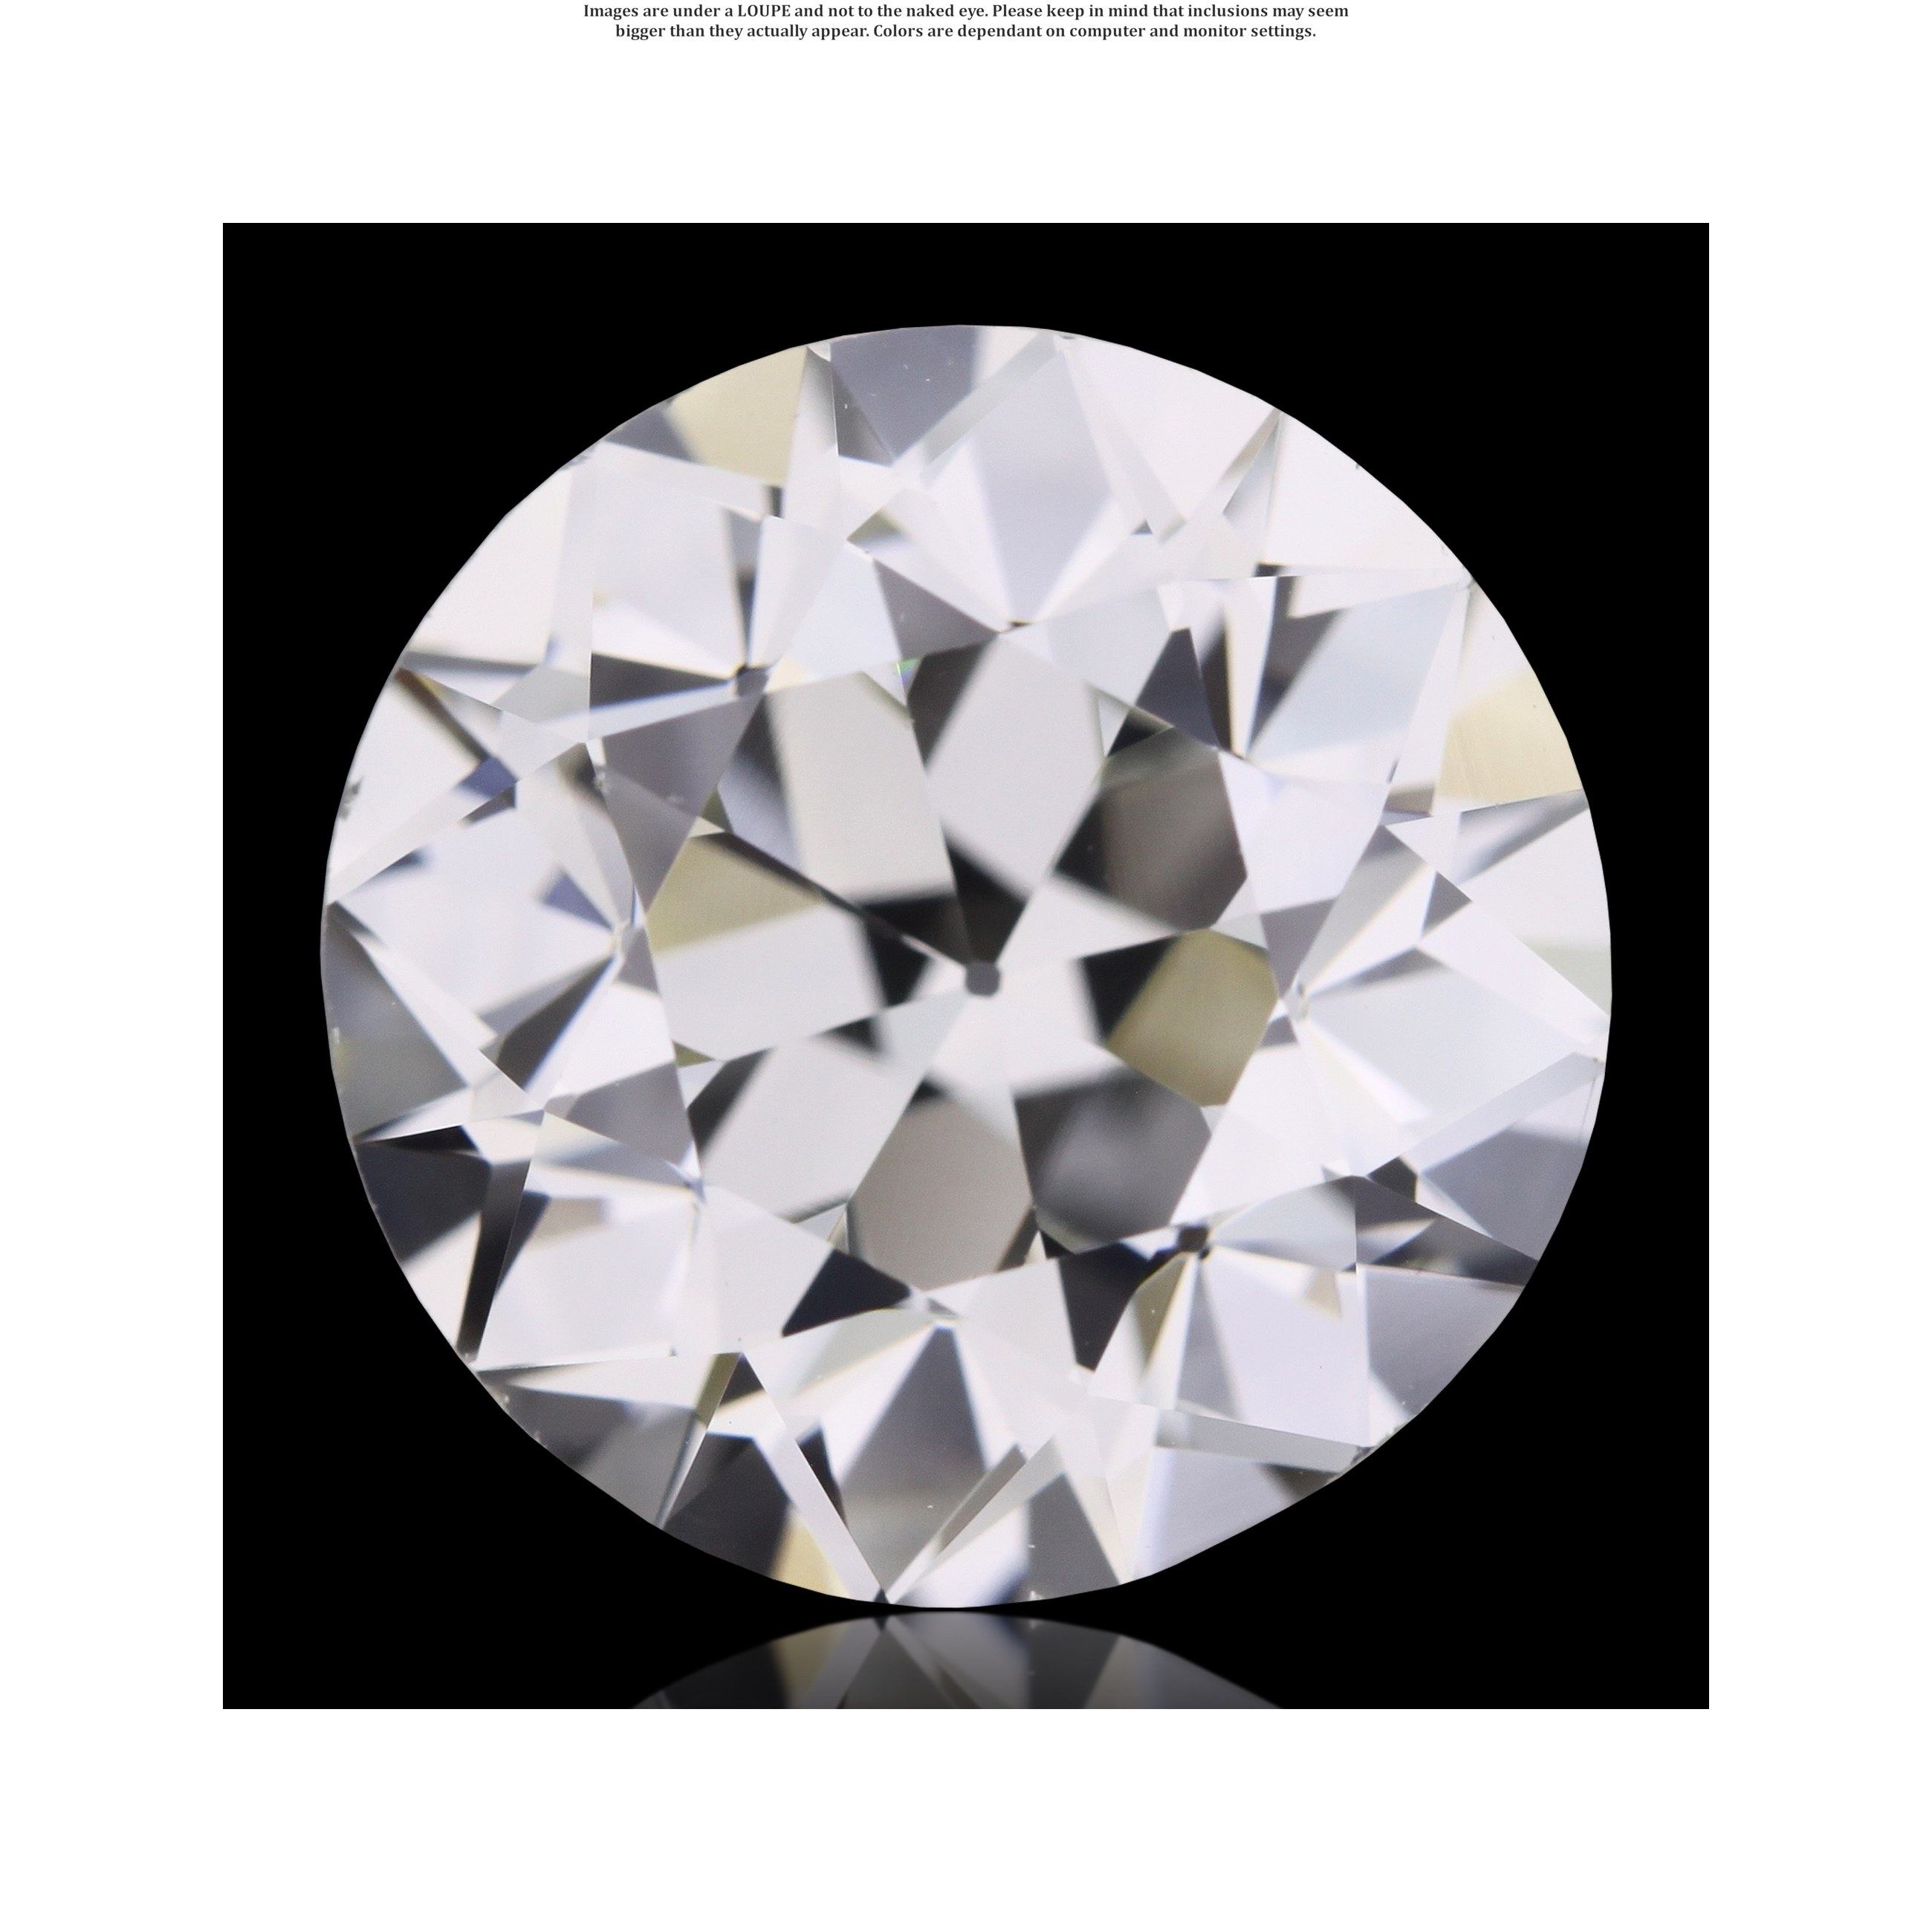 Emerald City Jewelers - Diamond Image - OM0002